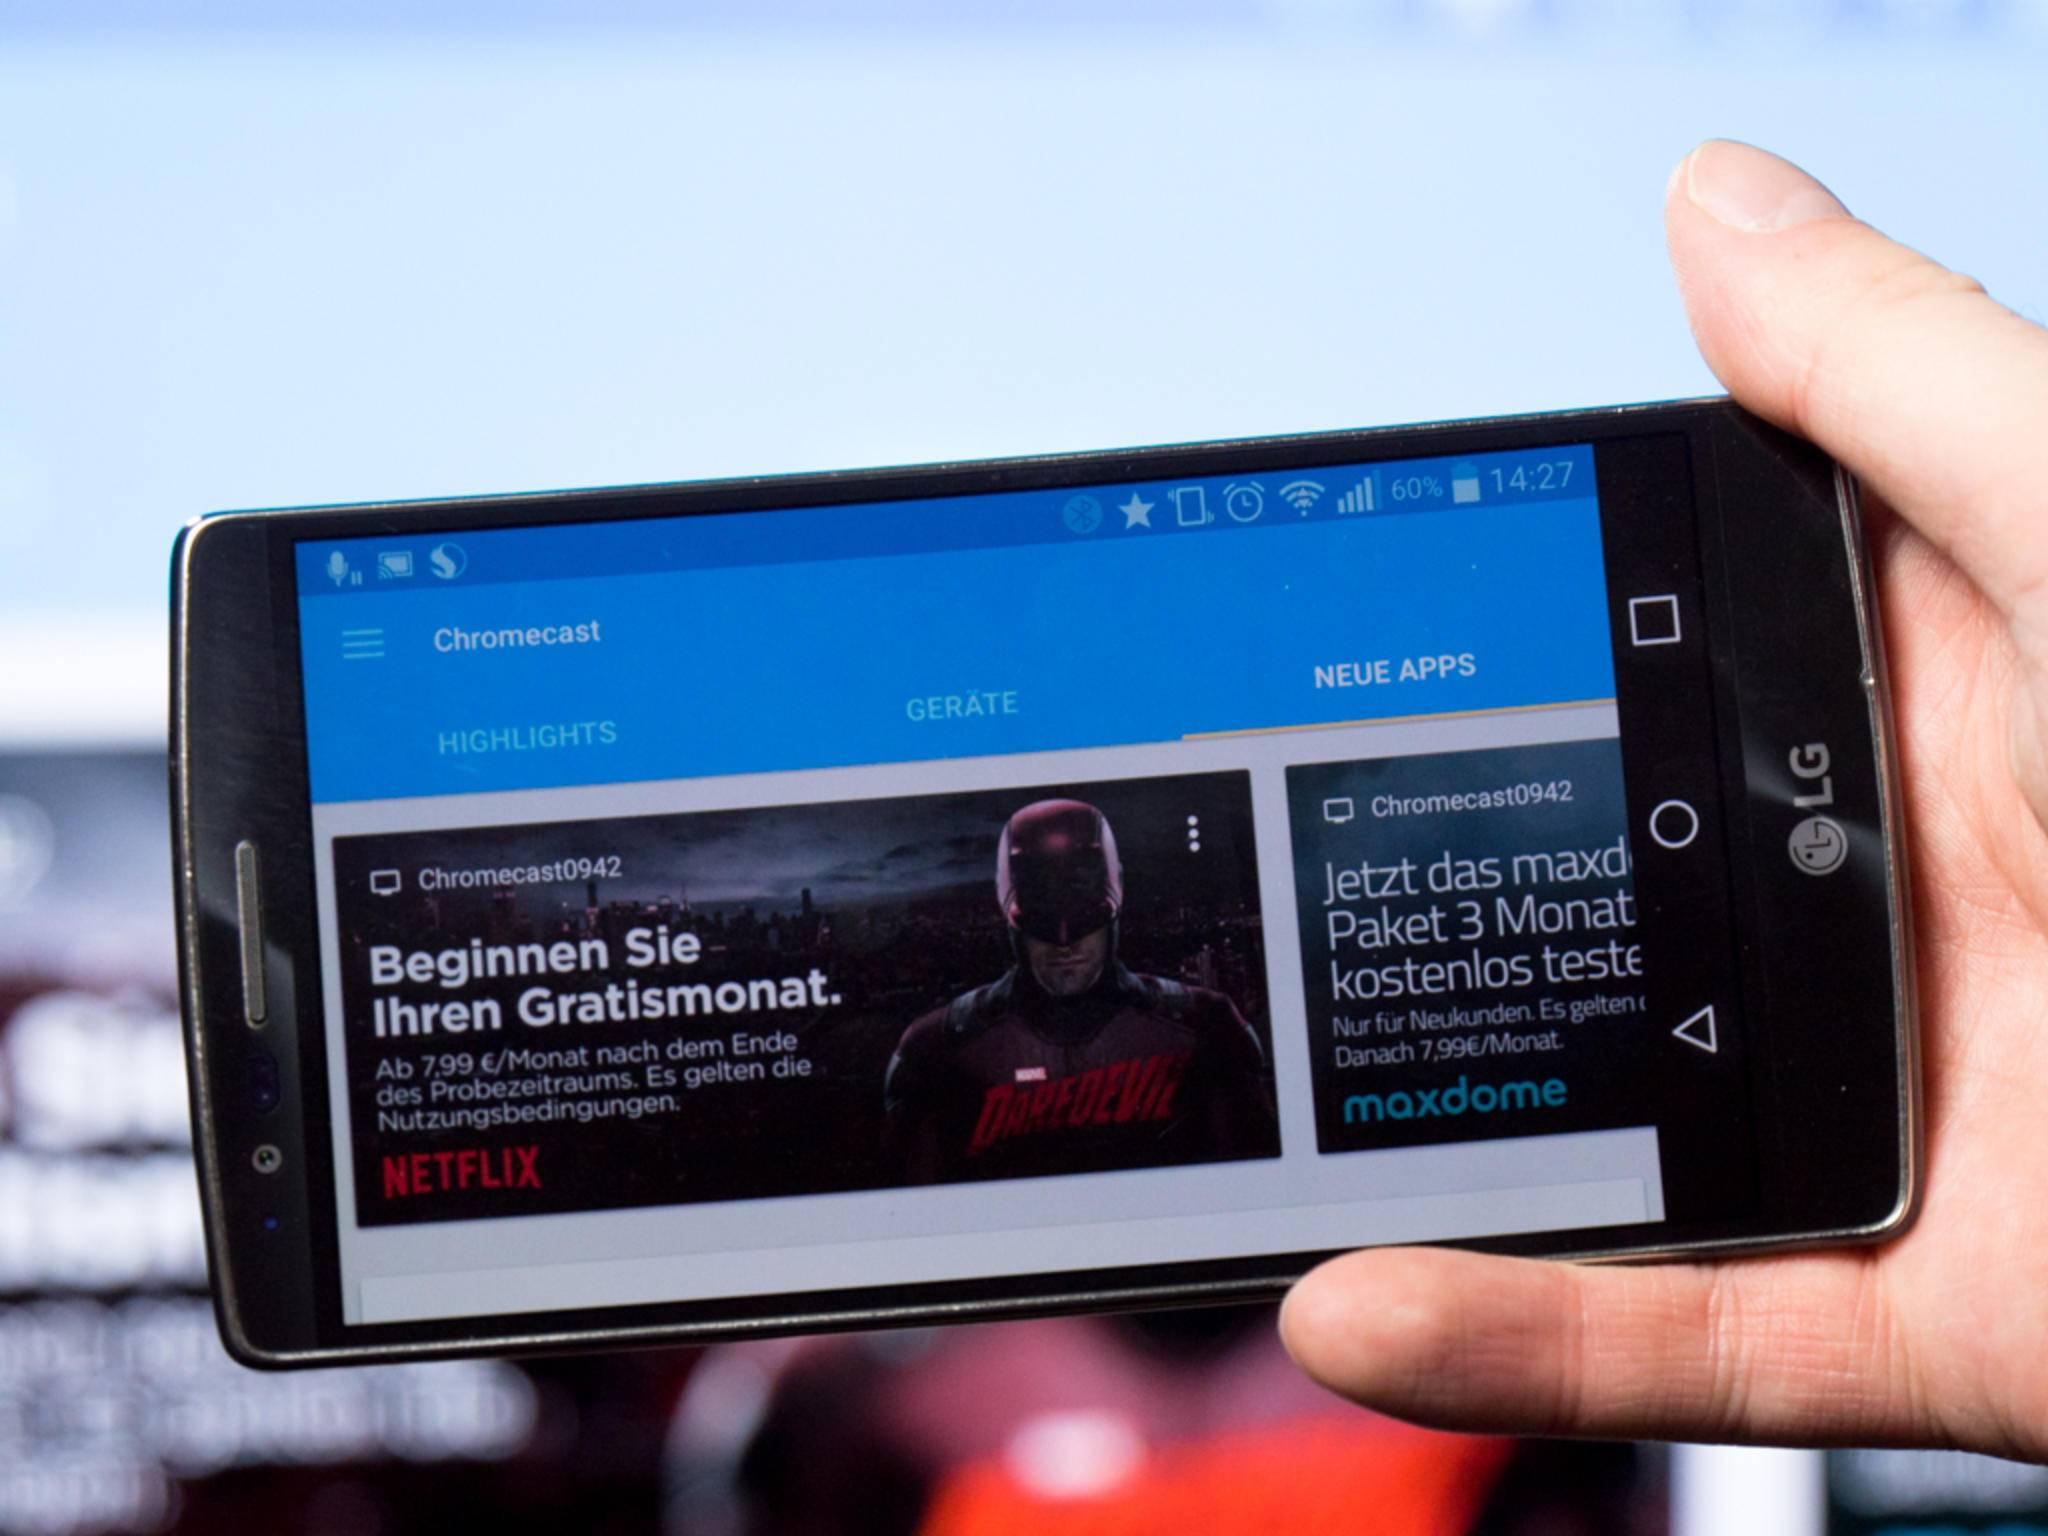 Chromecast streamt hunderte Apps vom Smartphone auf den Fernseher.